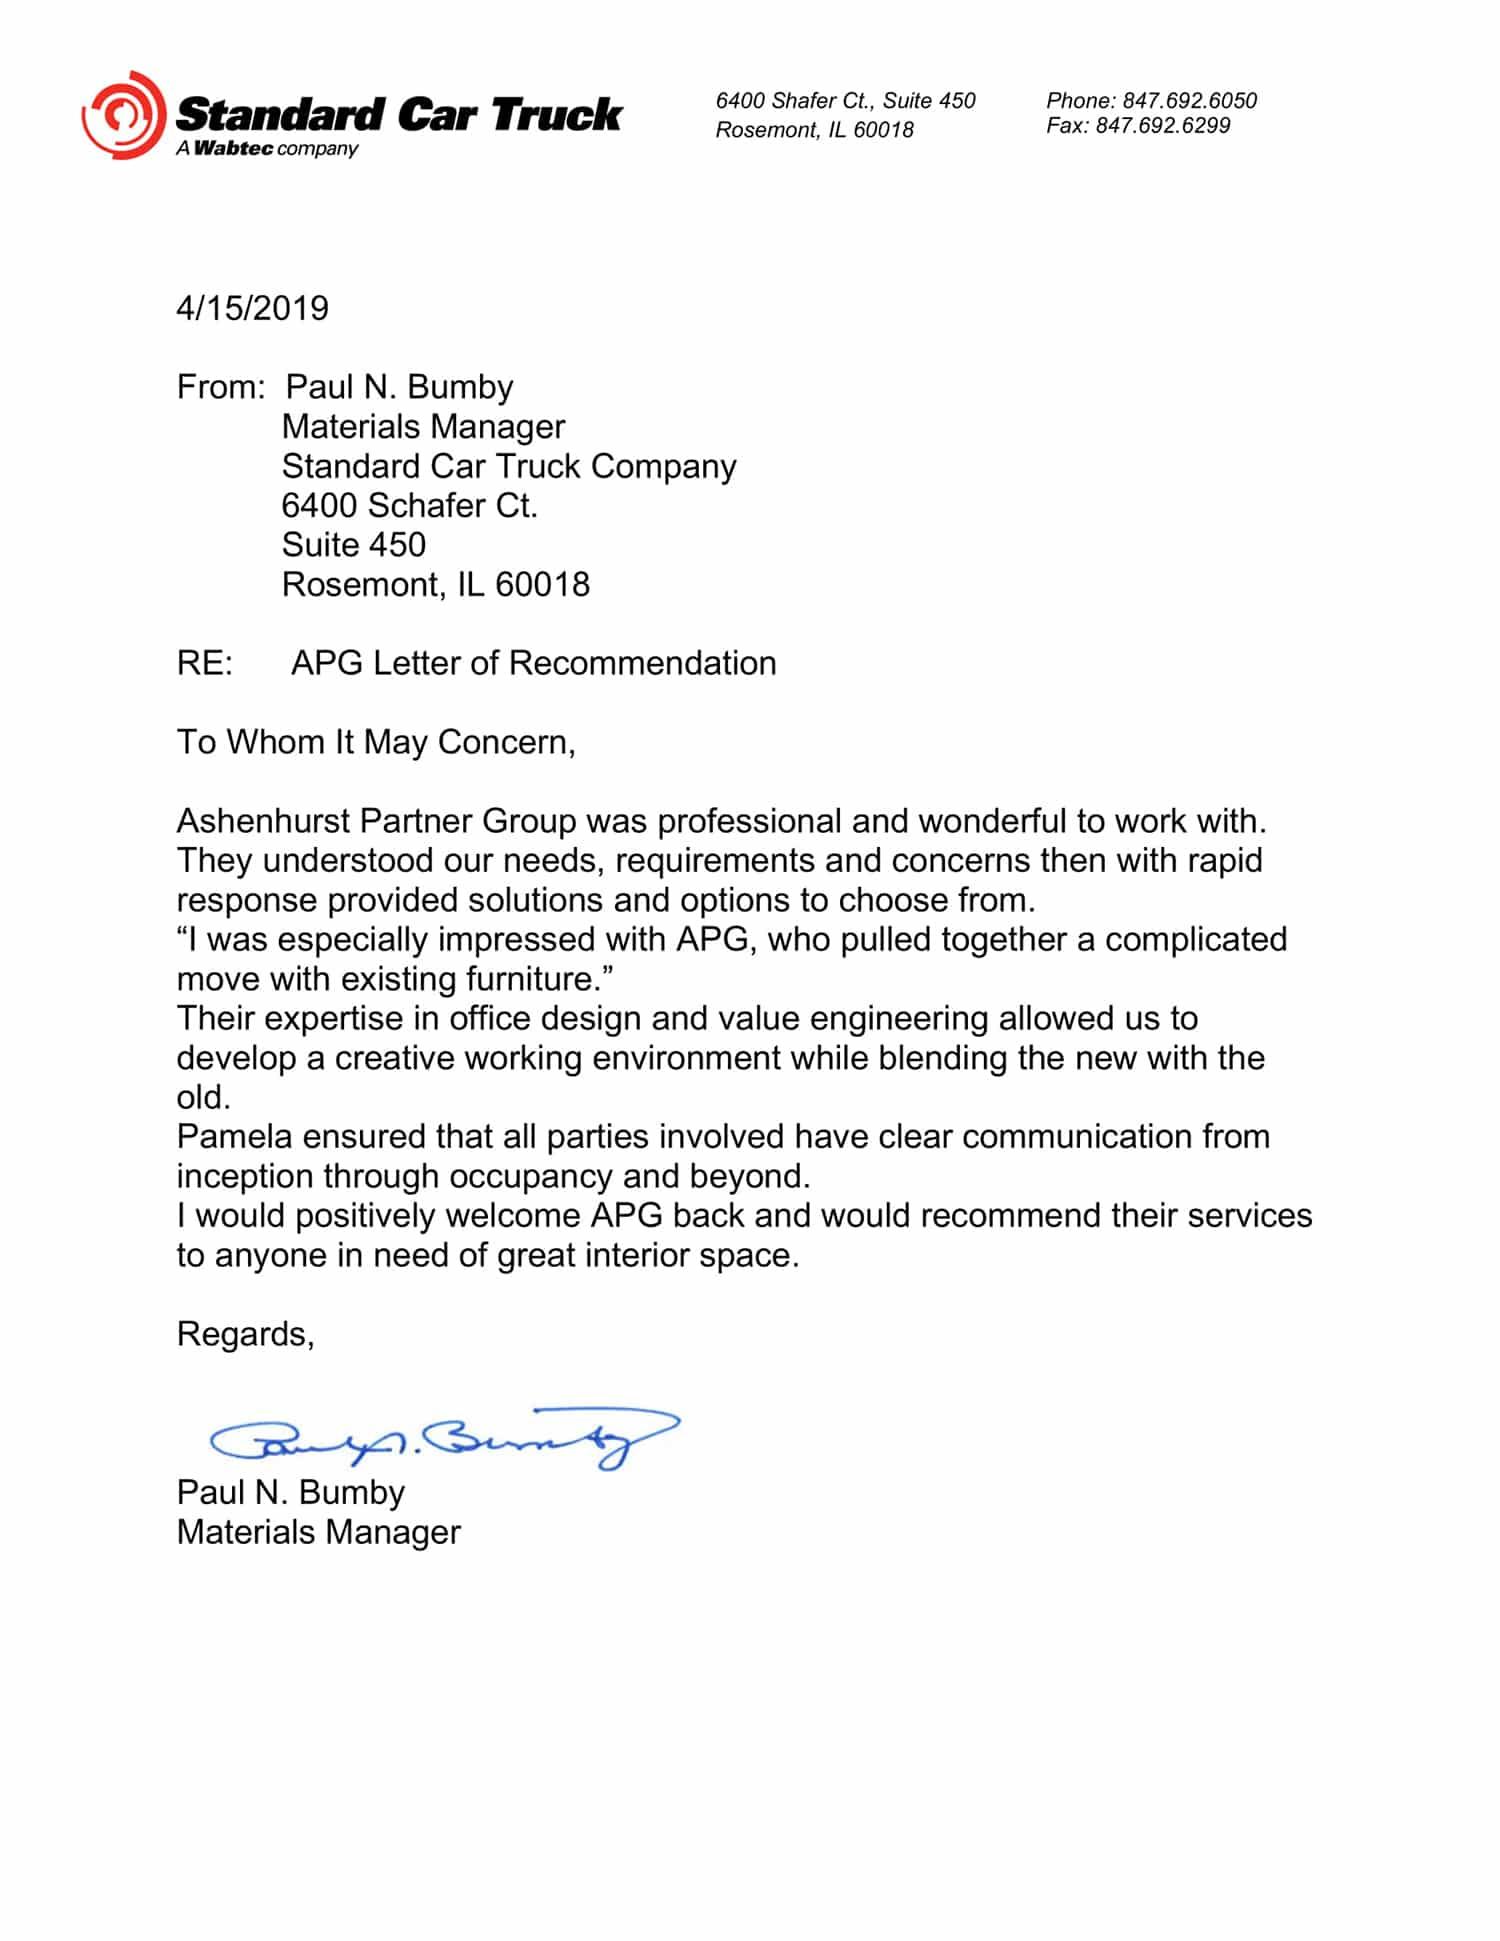 Ashenhurst Partner Group - SCT Wabtec Testimonial